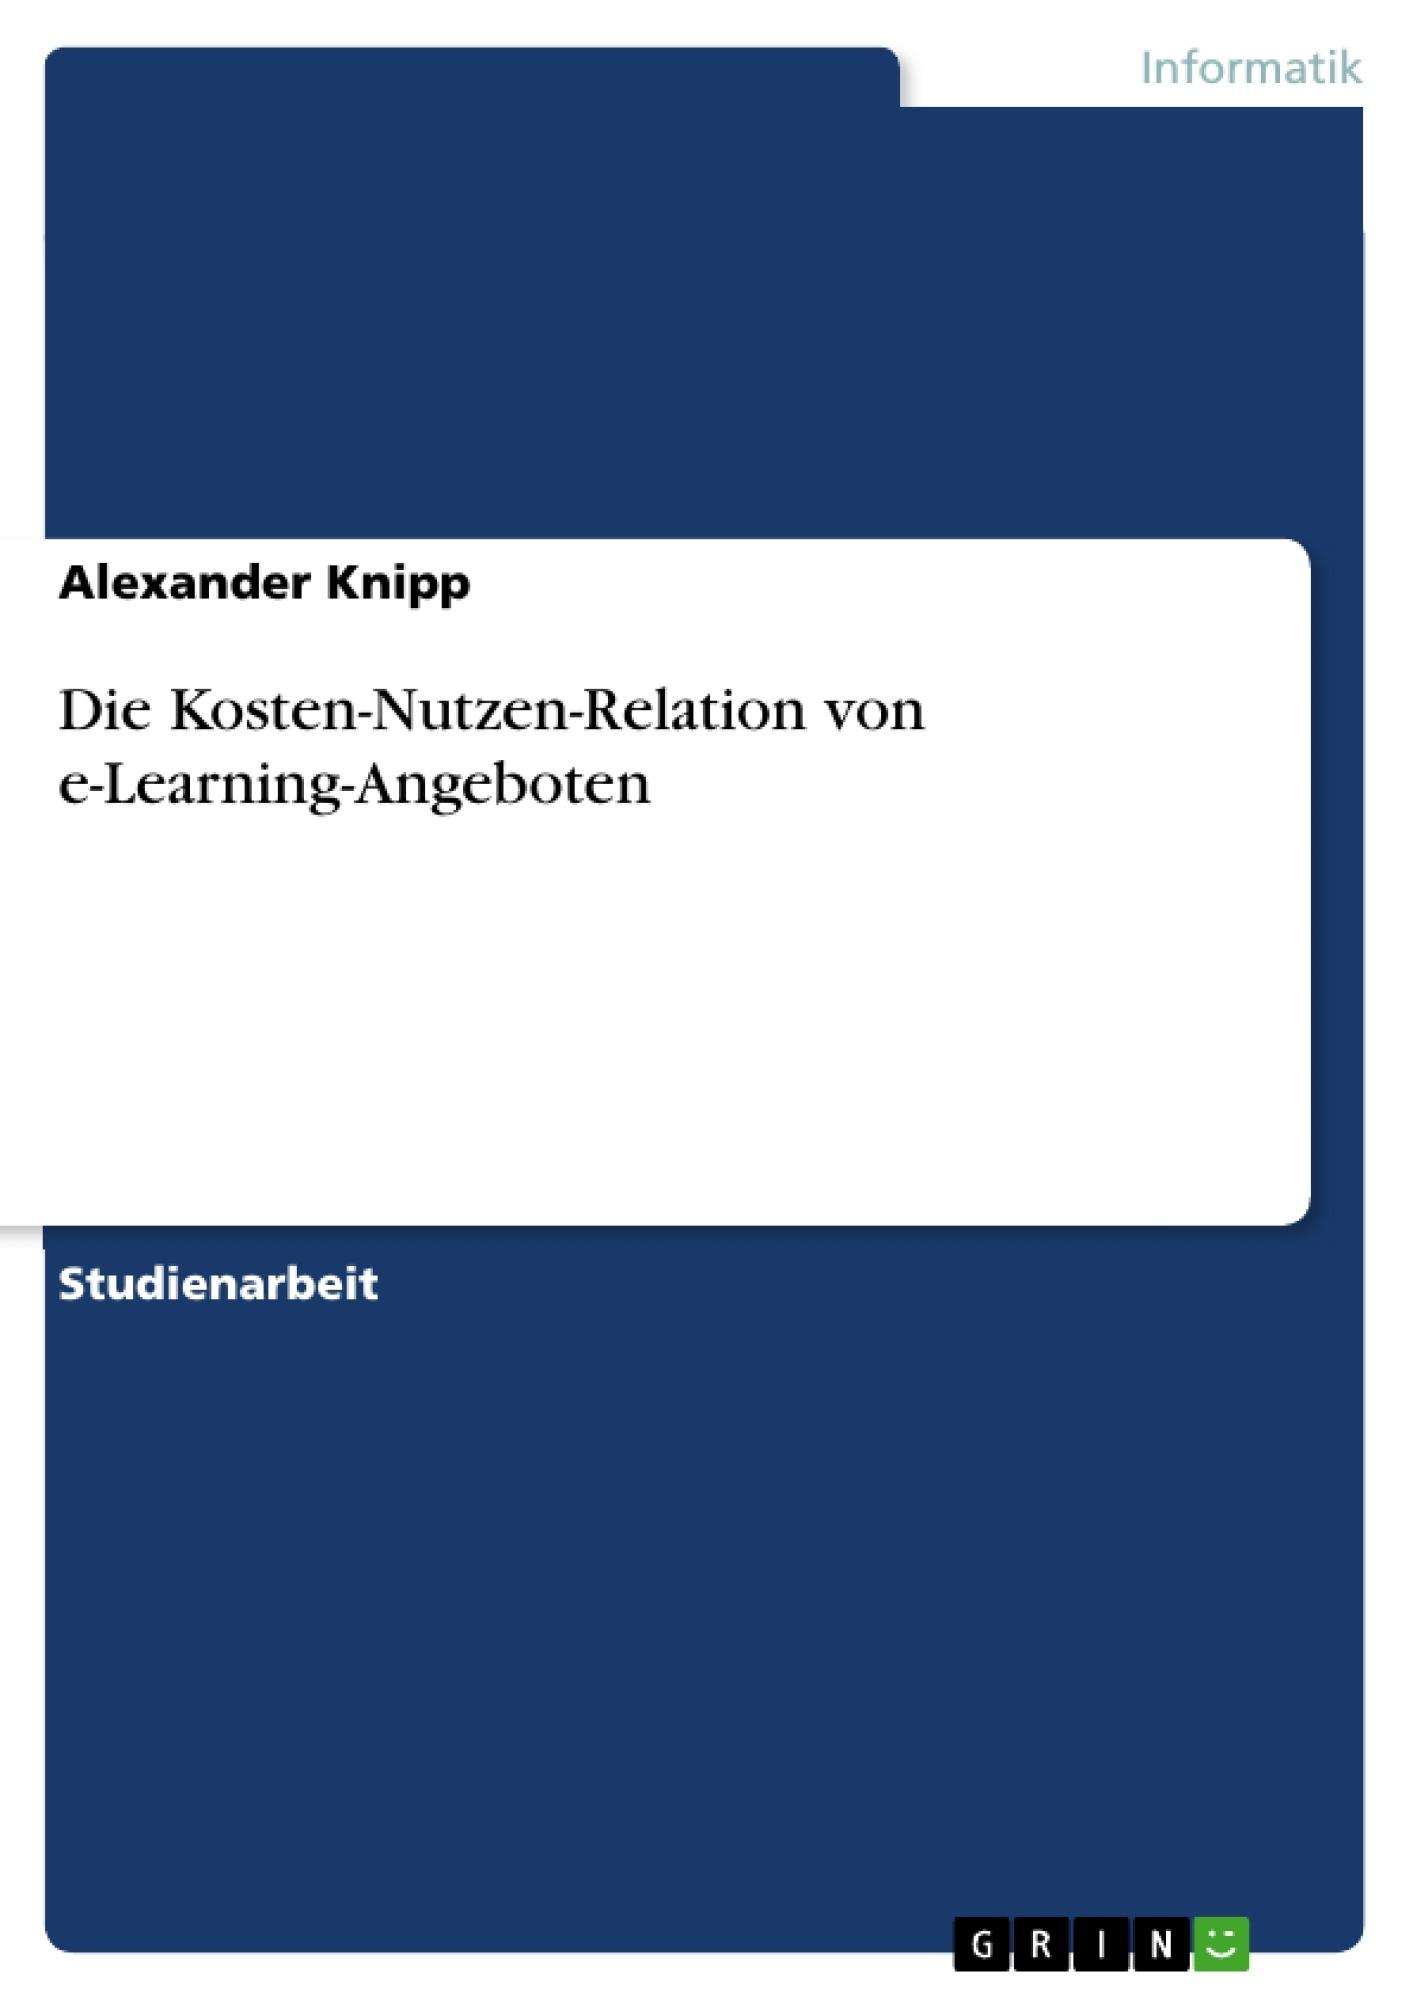 Titel: Die Kosten-Nutzen-Relation von e-Learning-Angeboten